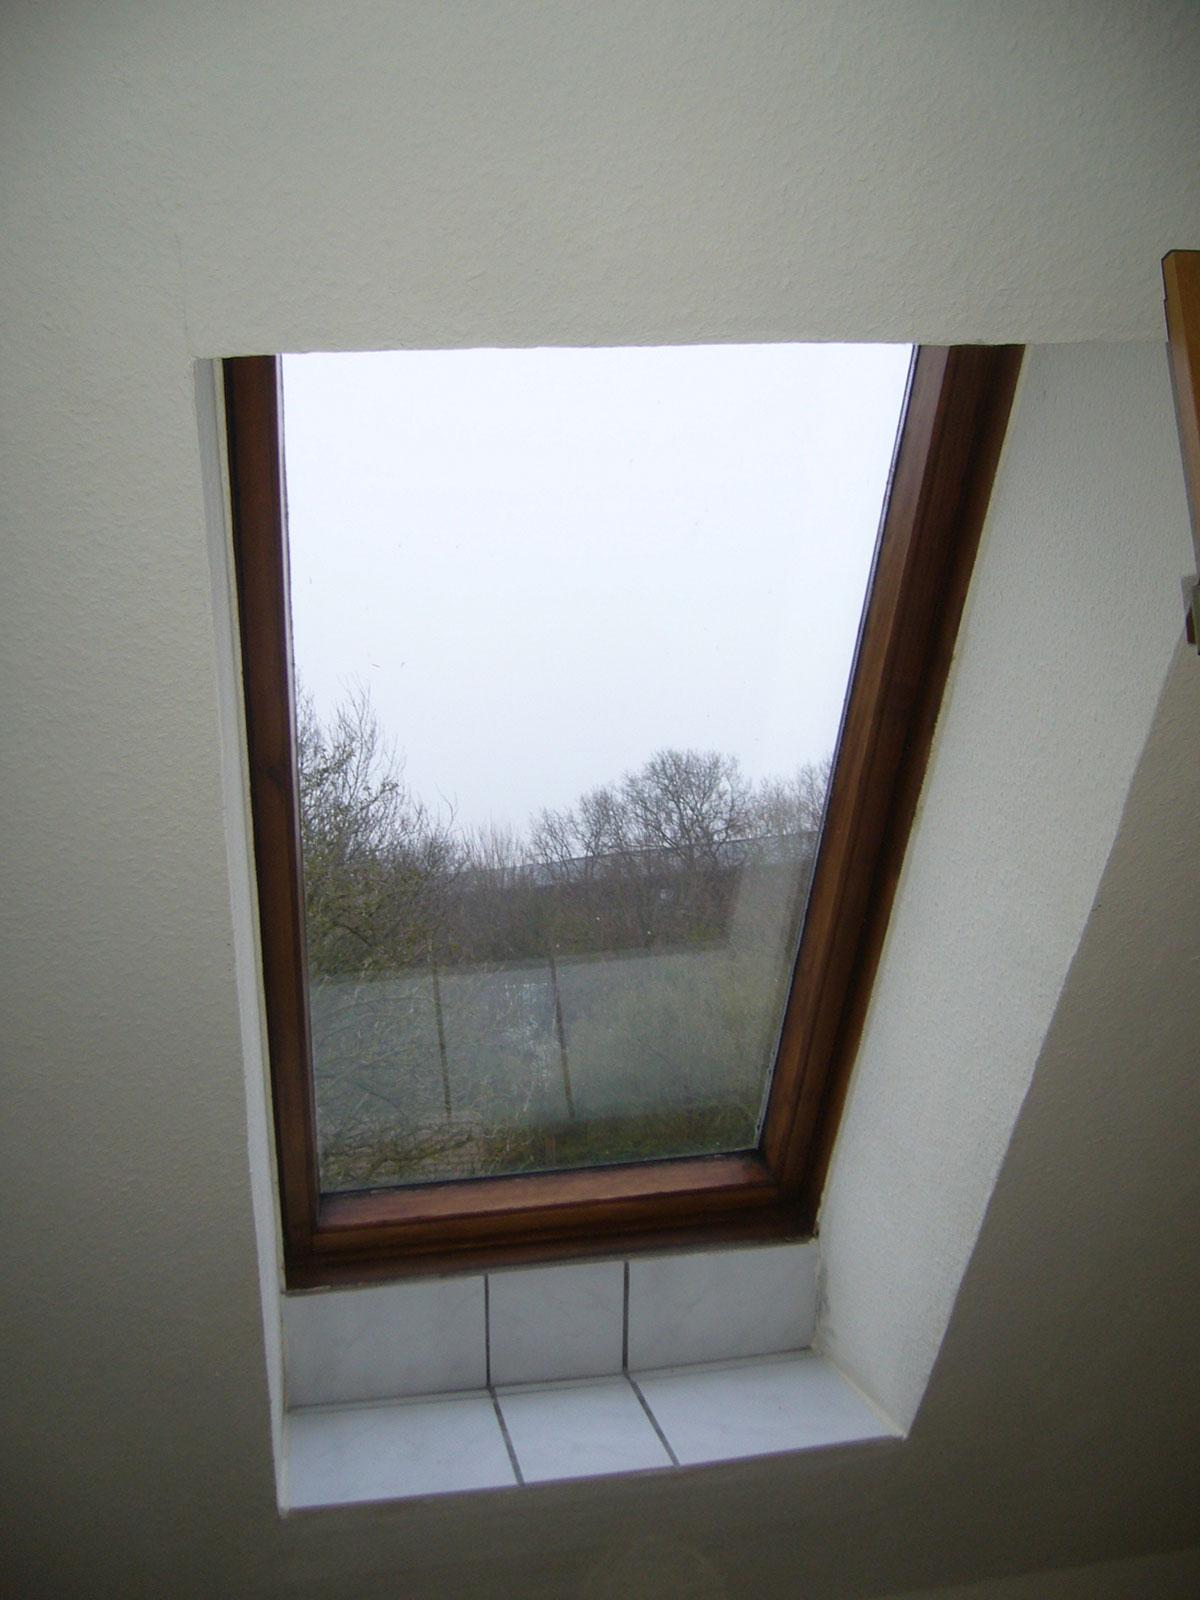 Dachfenster vorher